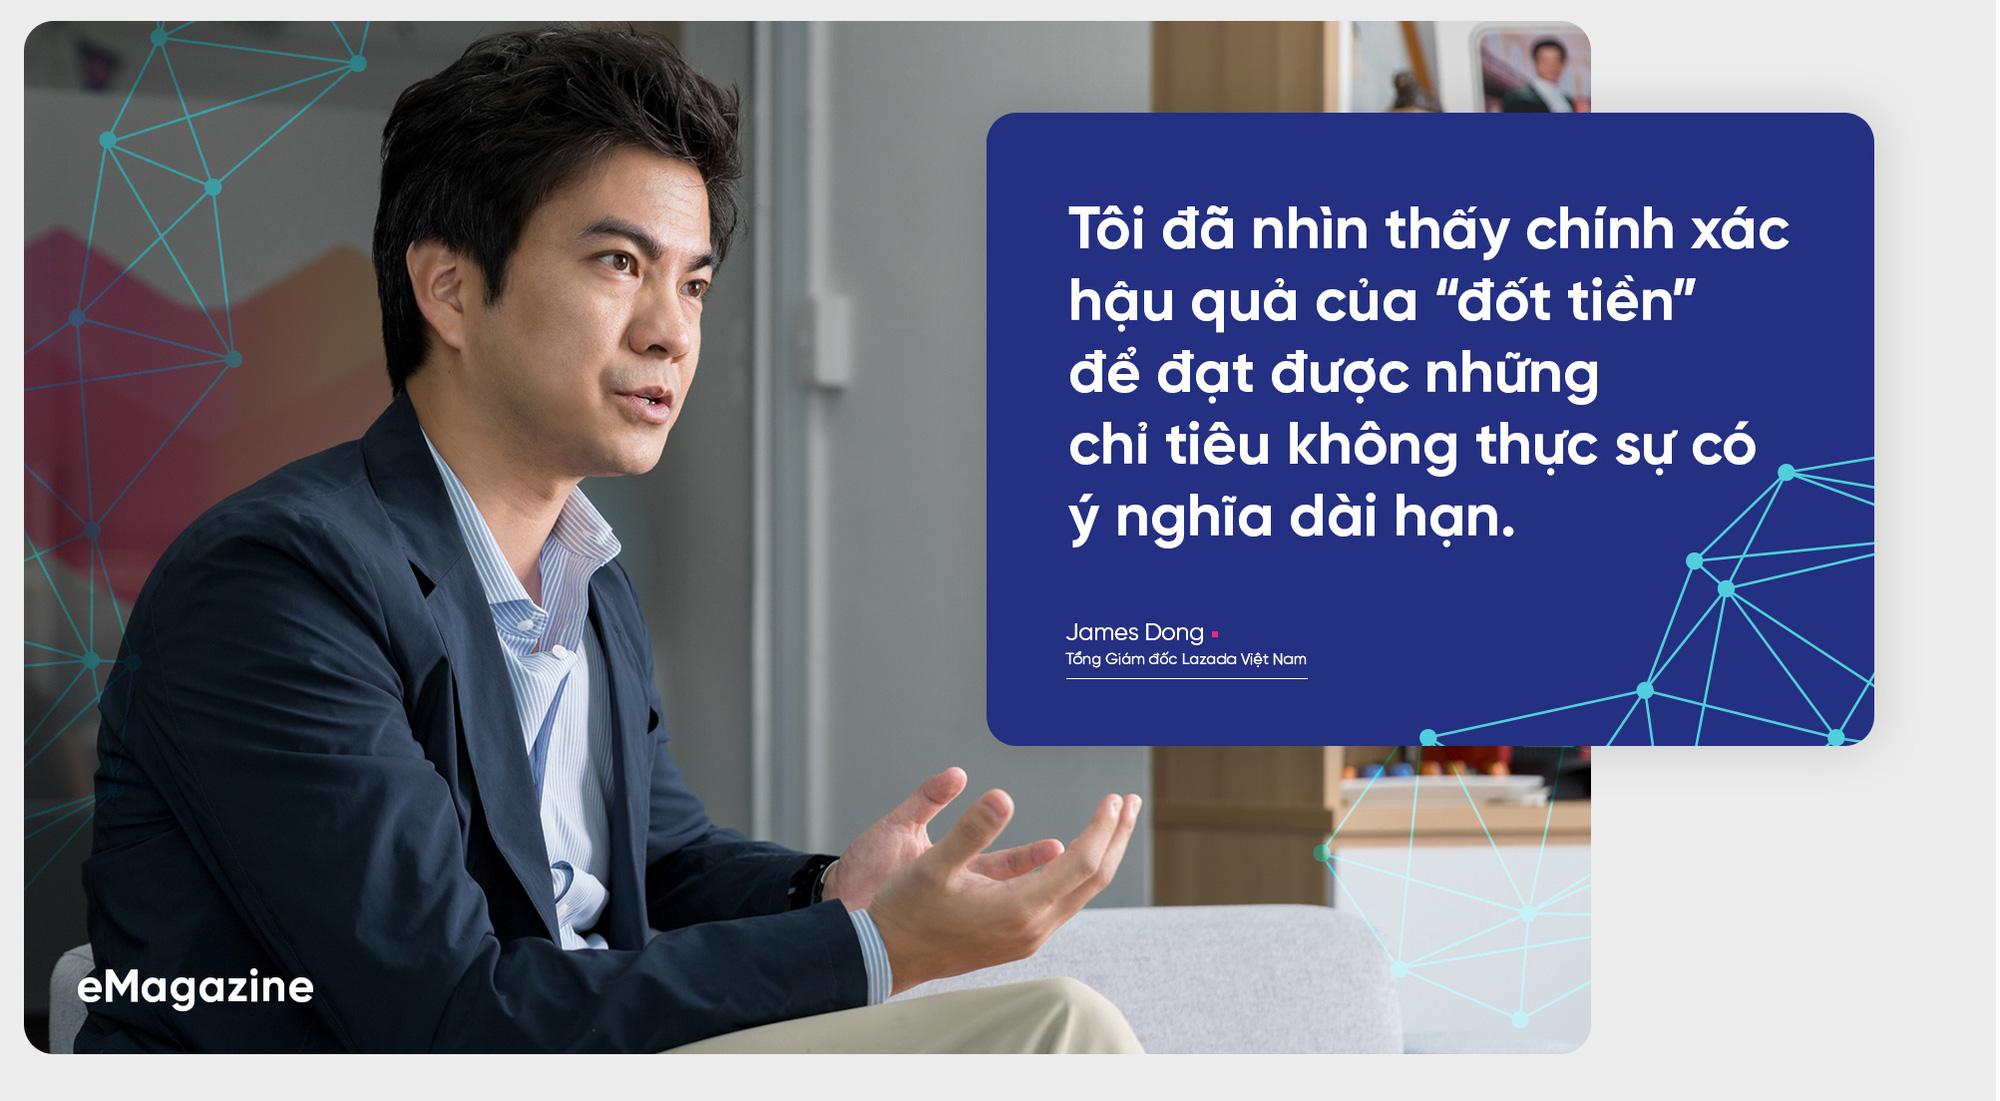 CEO Lazada Việt Nam dự báo gì về cuộc đua cạnh tranh của các sàn thương mại điện tử? - Ảnh 4.